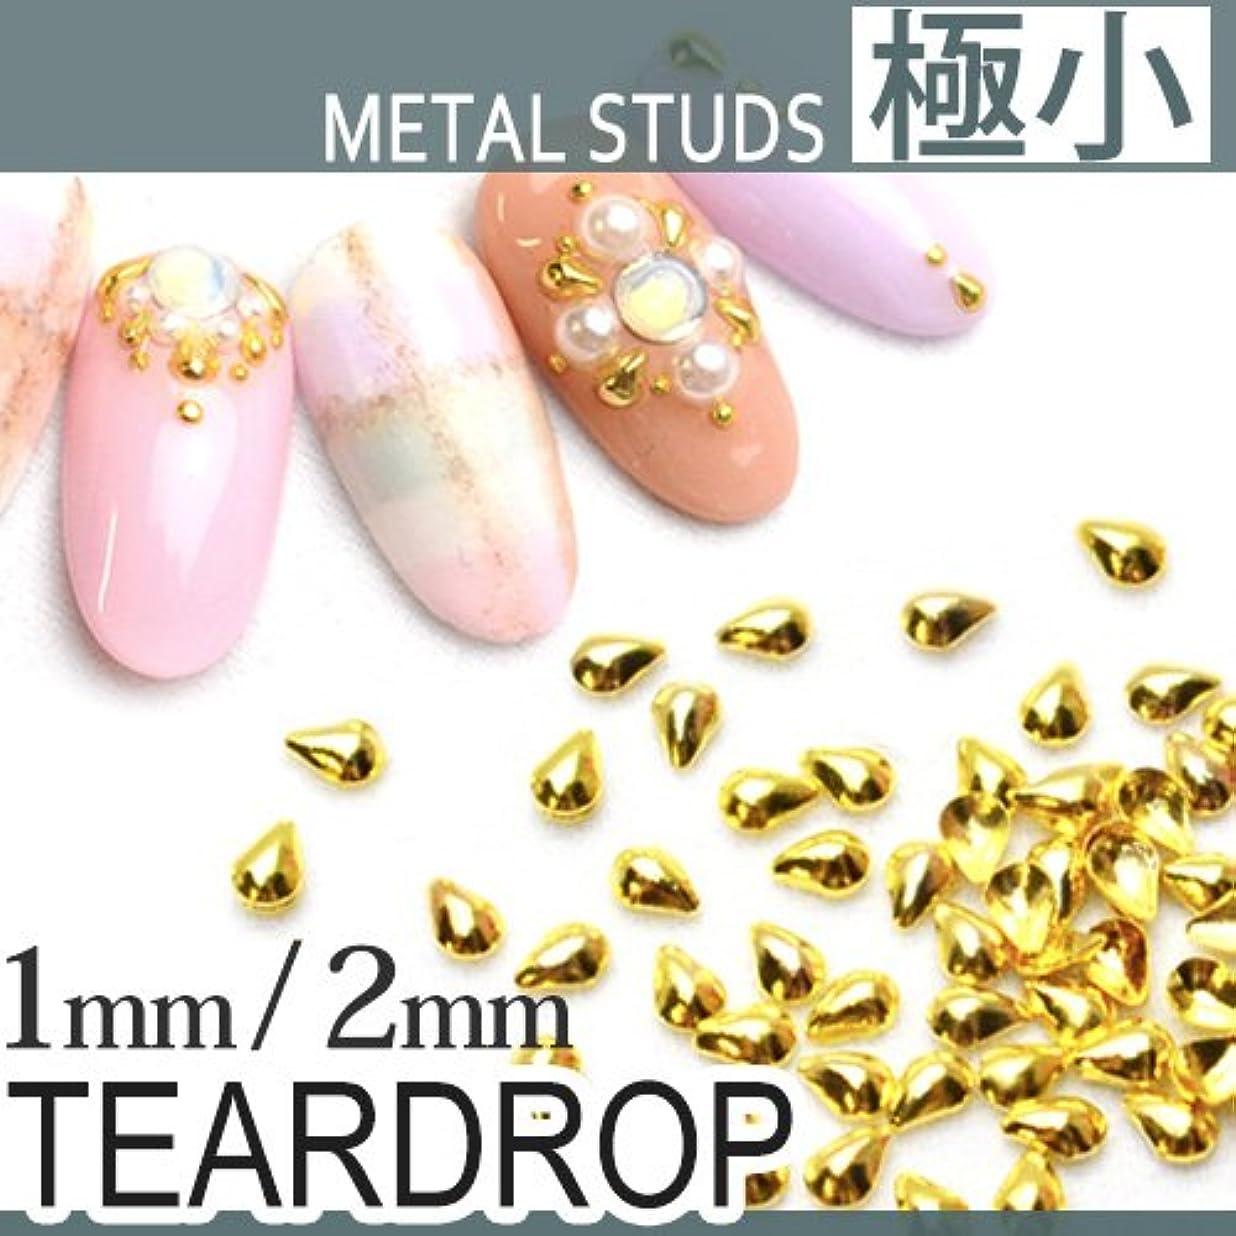 君主窒息させるバルク極小ティアドロップ メタルスタッズ [Sゴールド]1mm×2mm メタルパーツ ジェルネイル